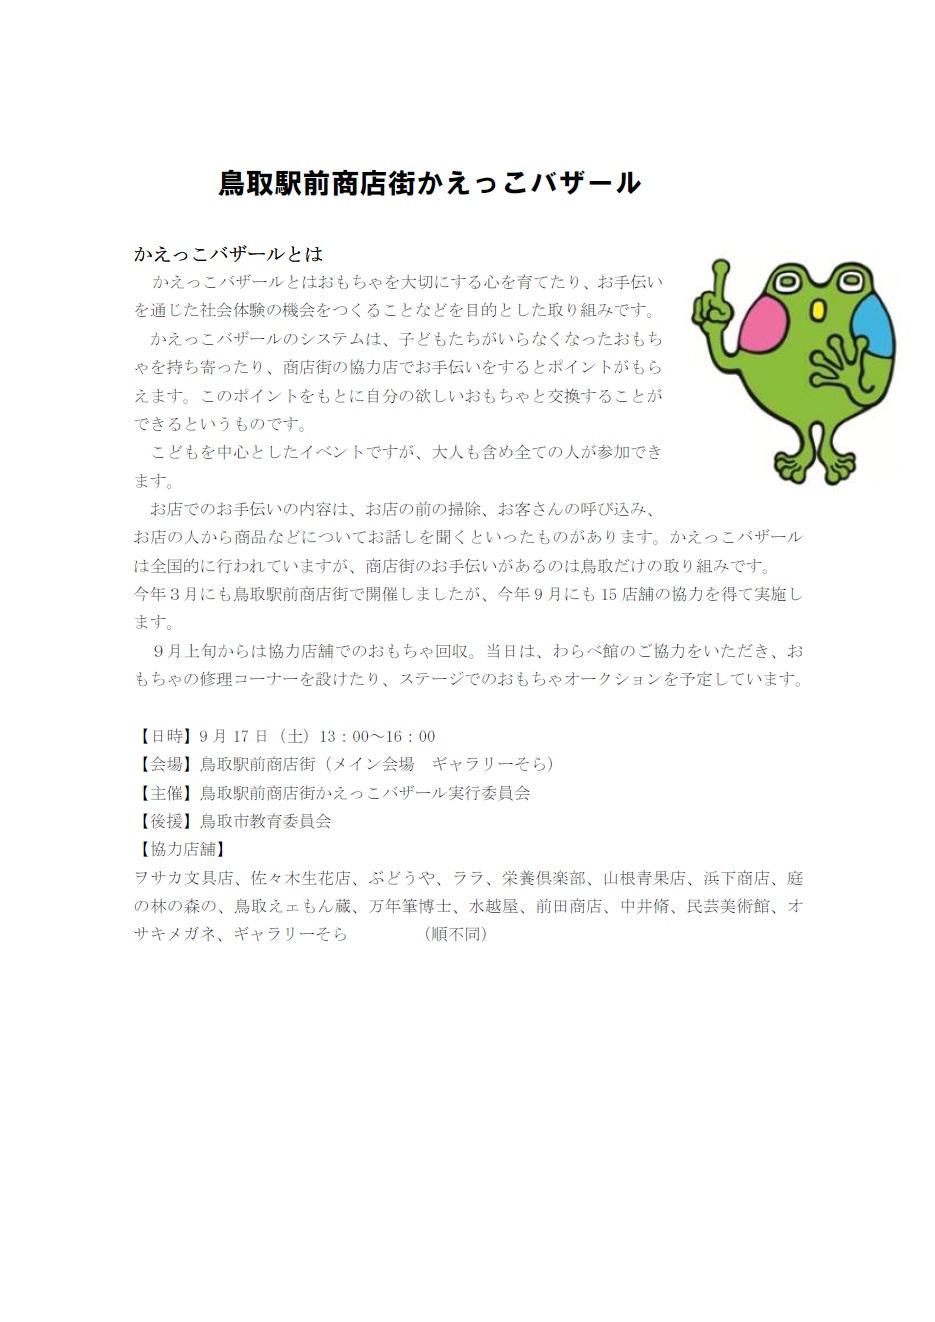 b0087598_16382188.jpg